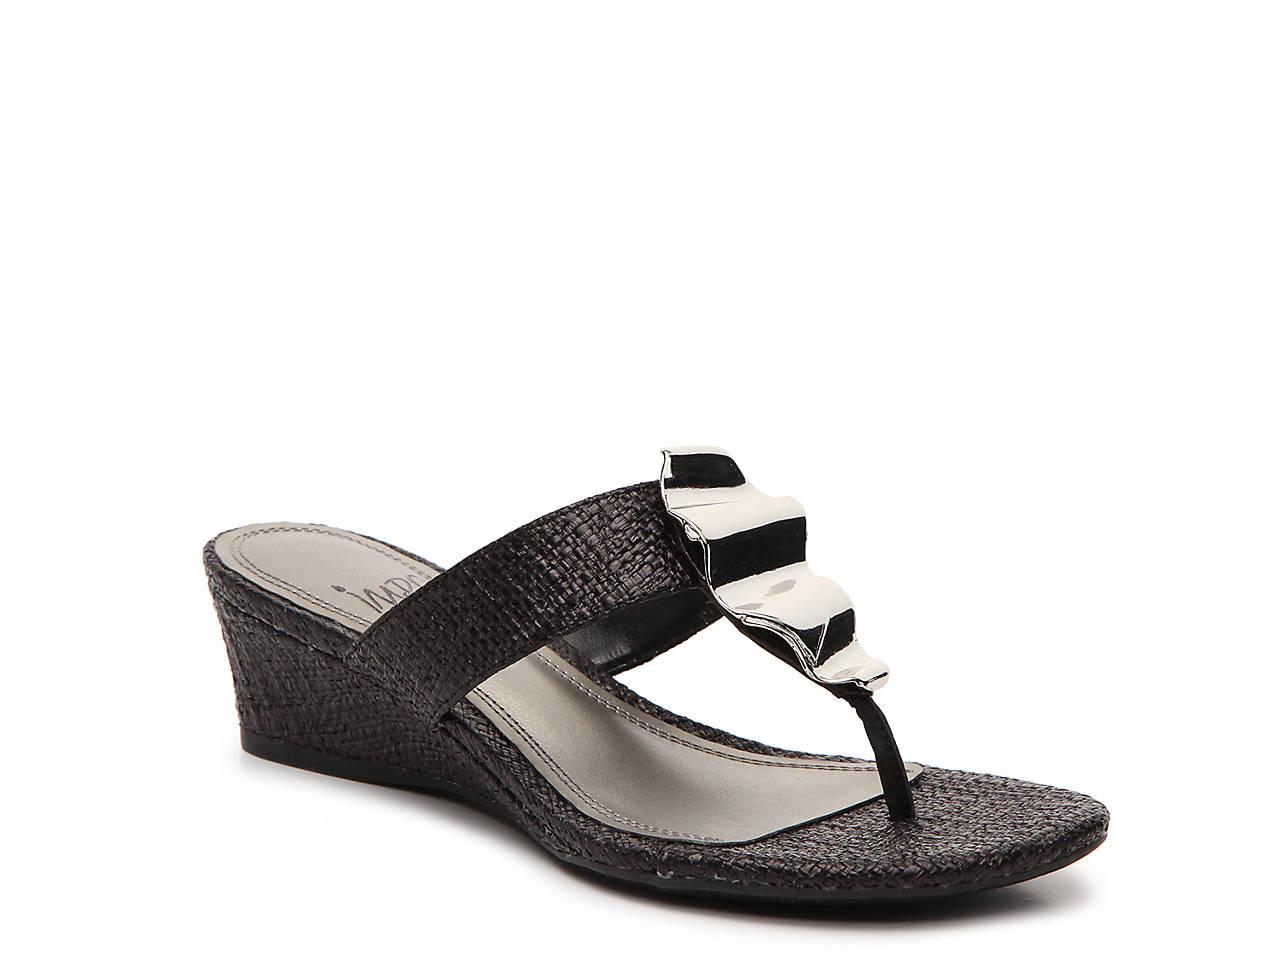 e0d6fe73c325 Impo Glexa Wedge Sandal Women s Shoes